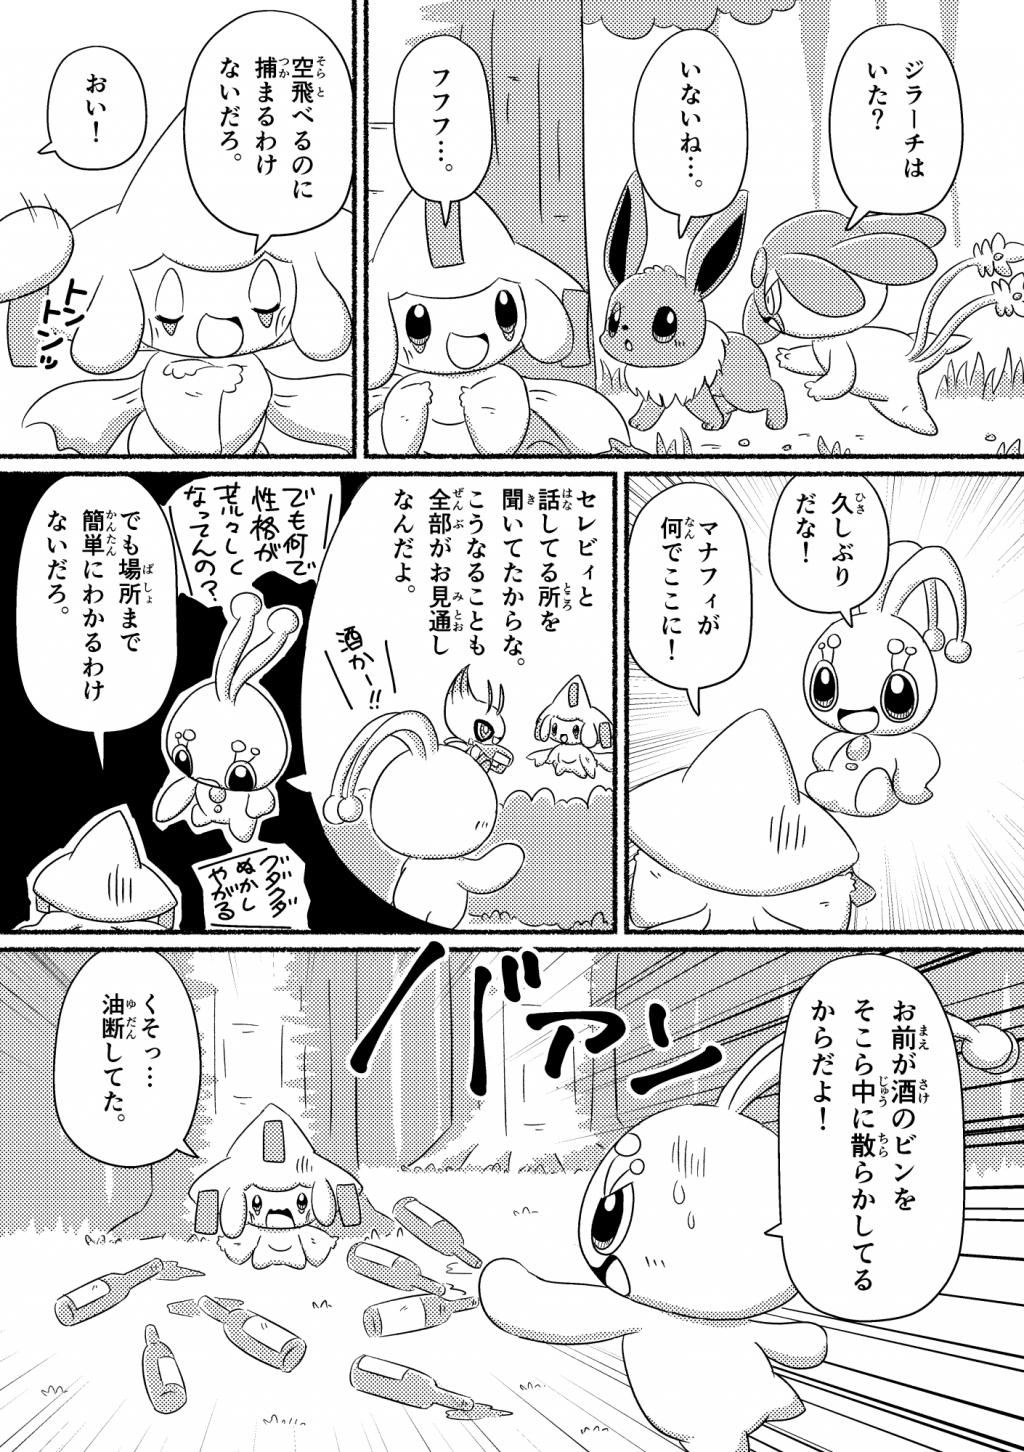 ジラーチの最高の七夕 (7ページめ)